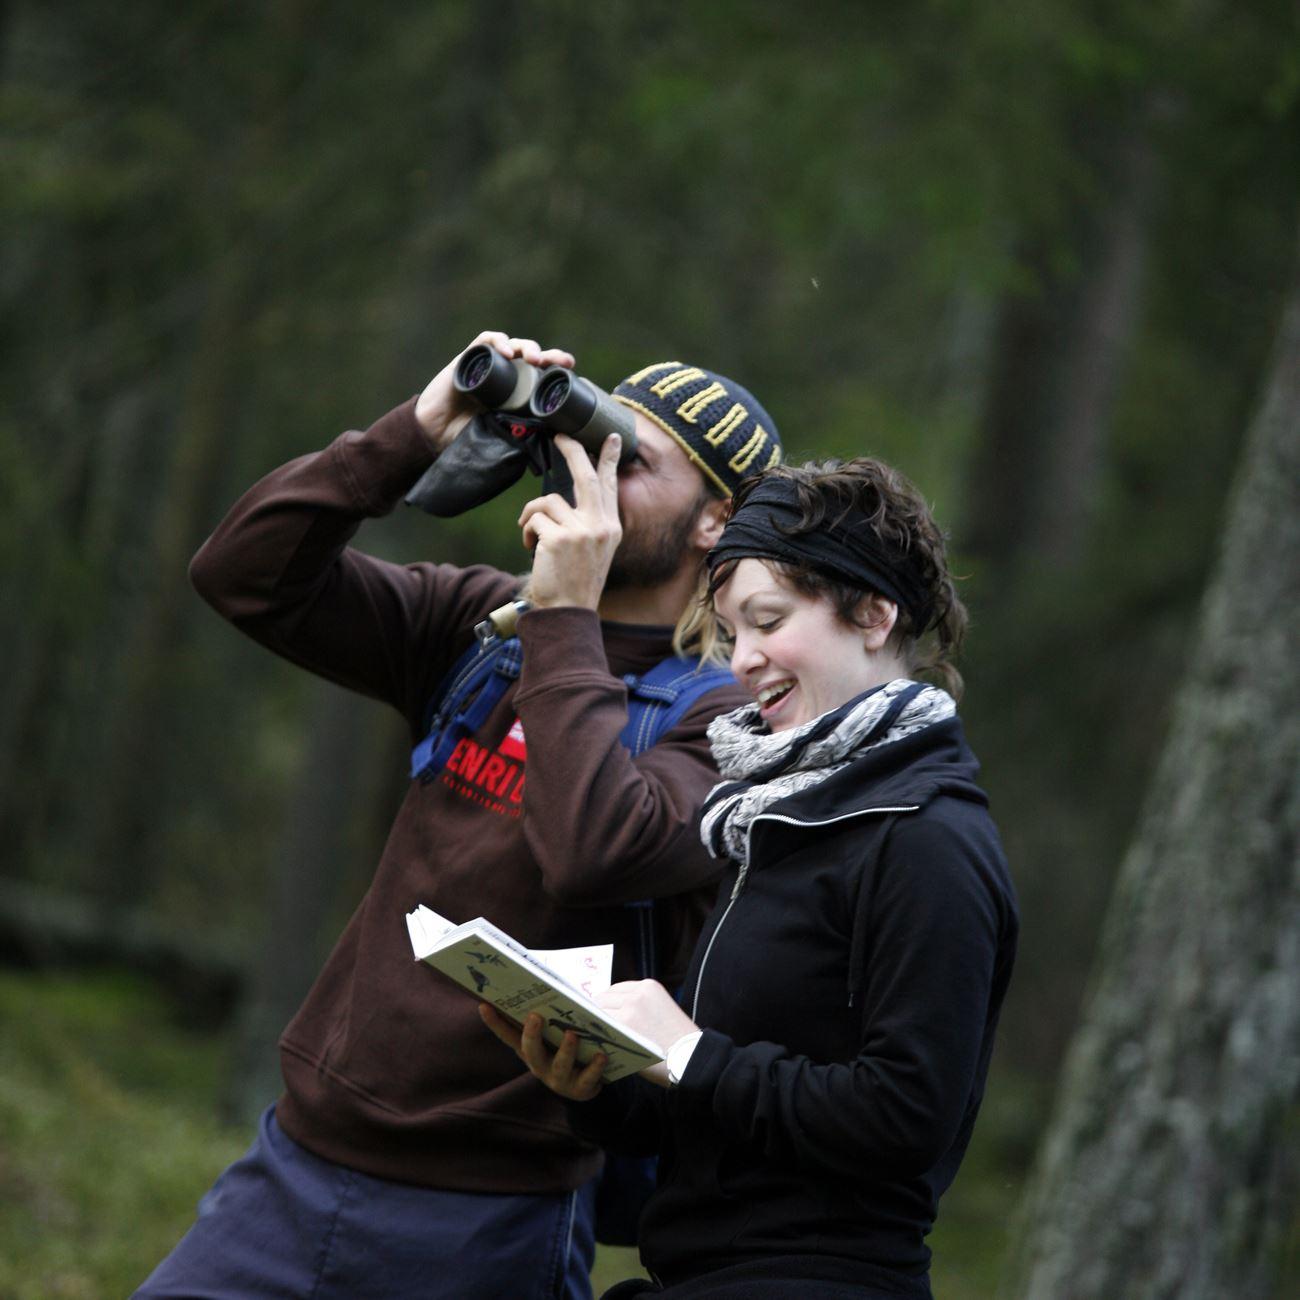 Smålandsbilder.se,  © Värnamo Näringsliv AB , Fågelskådning och vandring i naturreservat Draven